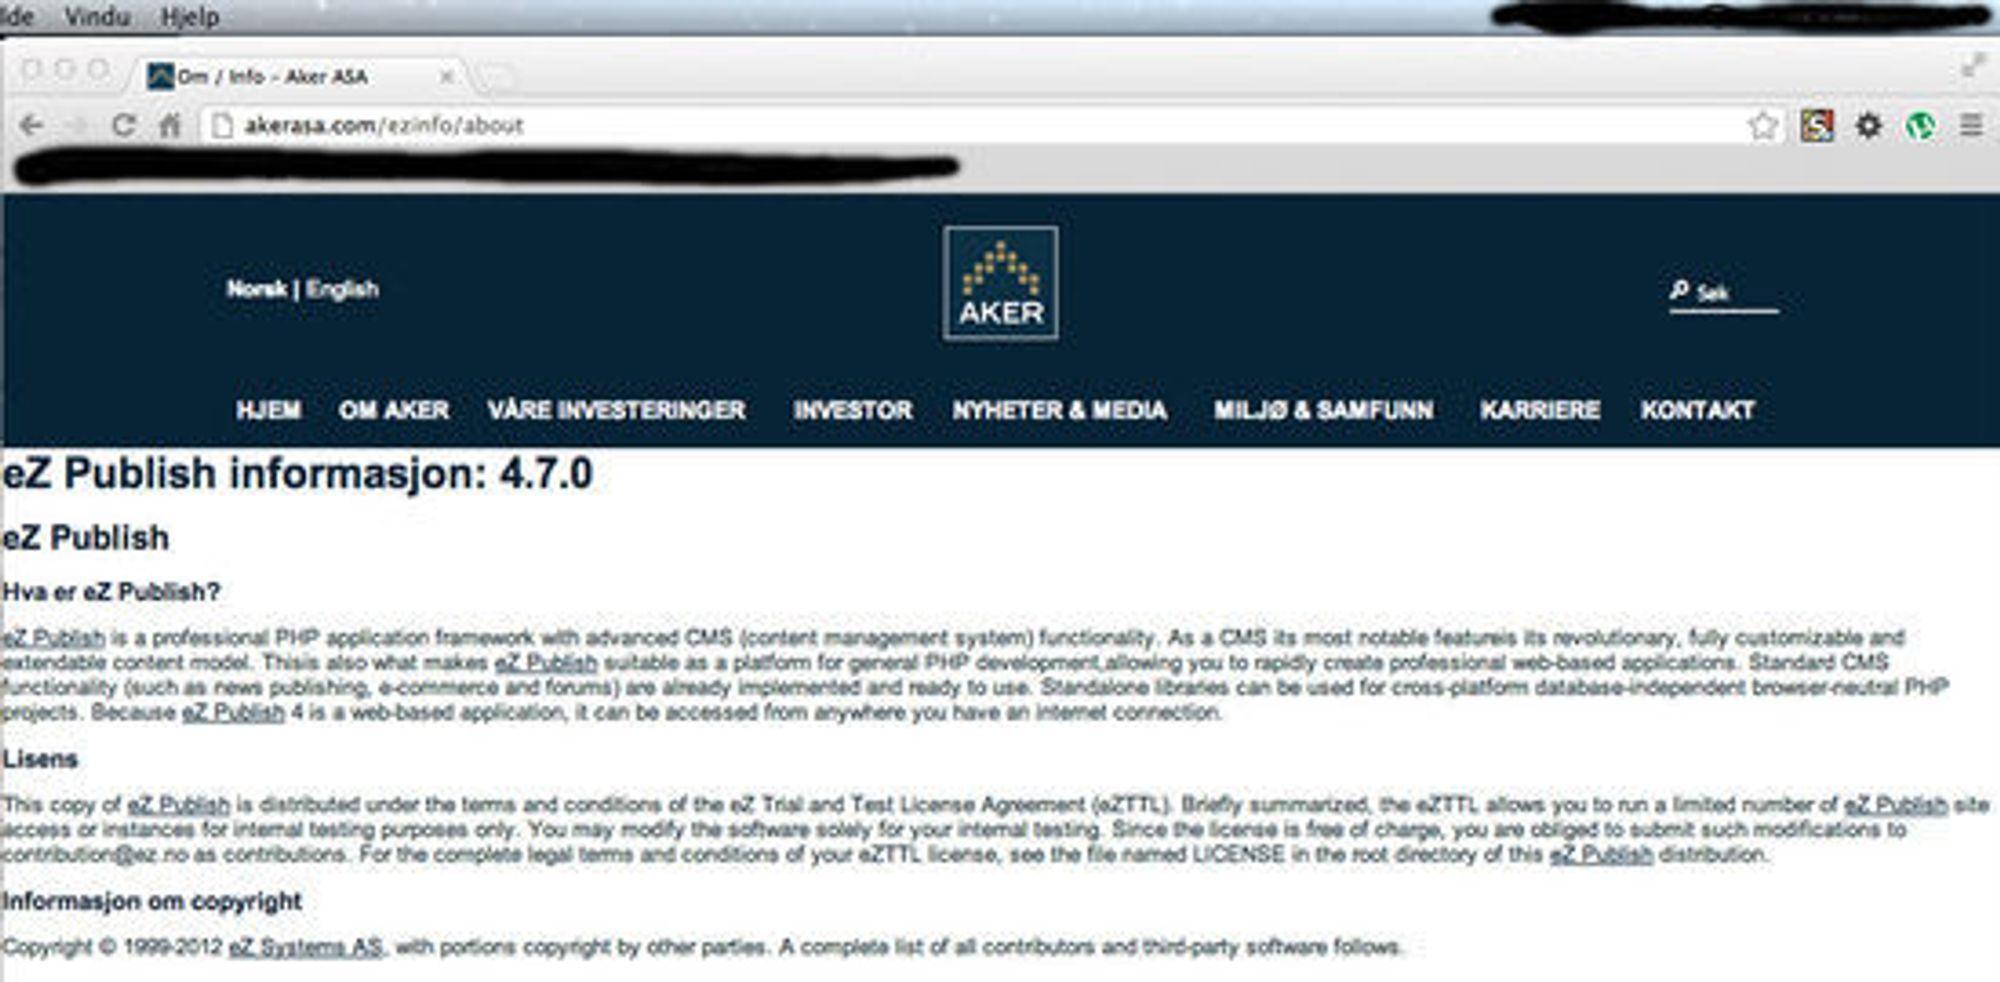 Aker ASA kjørte ifølge dette skjermdumpet, en ulovlig lisens av eZ Publish. Skjermdumpet er gitt til digi.no av en kilde, derfor har vi sladdet deler av informasjonen. I dag kjører Aker ASA på en åpen lisens.